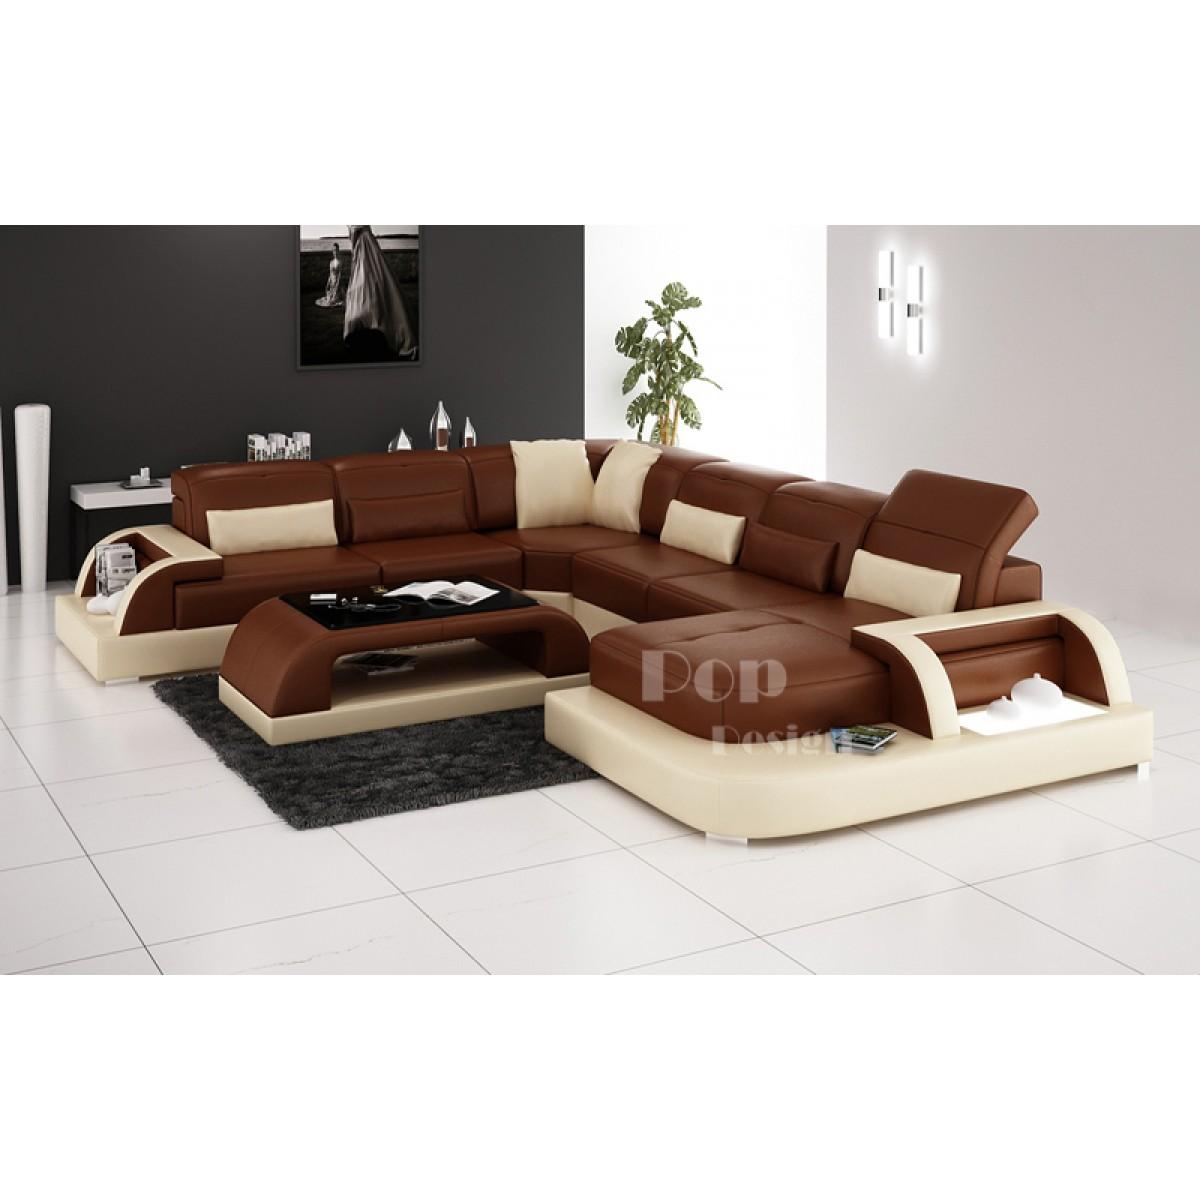 Canape Dangle Design En Cuir De Luxe Bolzano Modele Presente Couleurs Marron